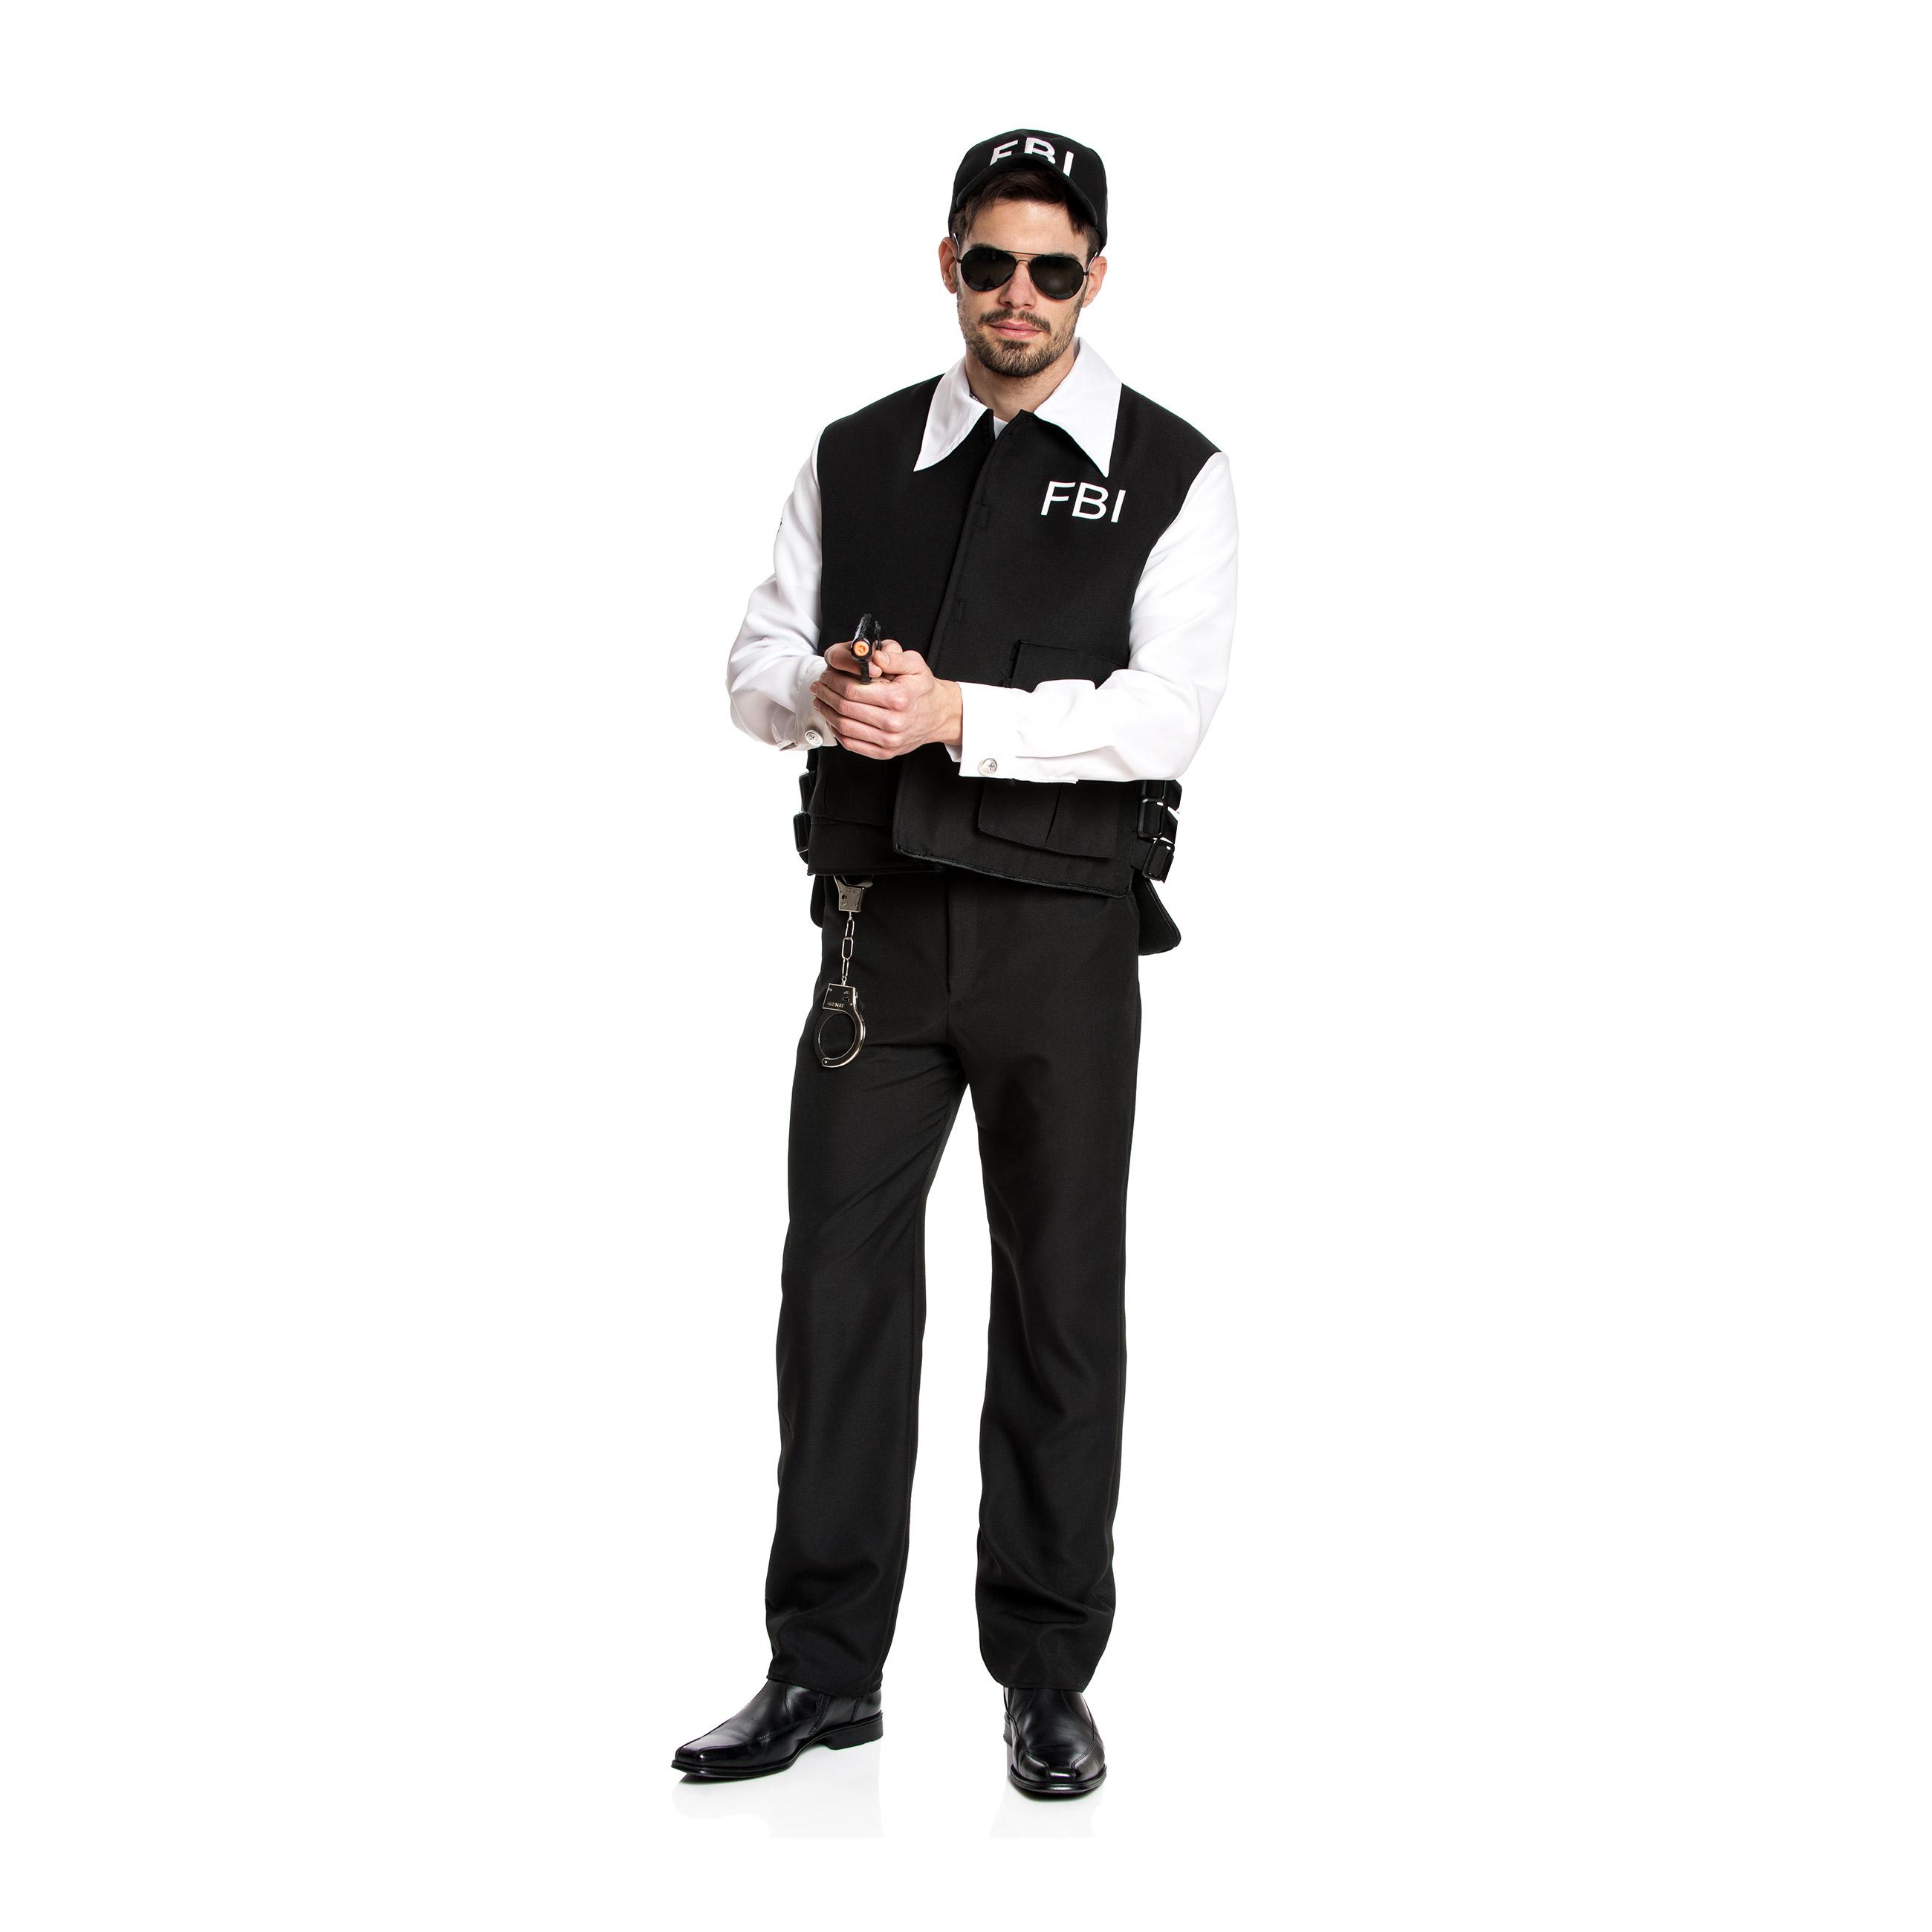 fbi kost m herren komplette uniform cap kost mplanet. Black Bedroom Furniture Sets. Home Design Ideas